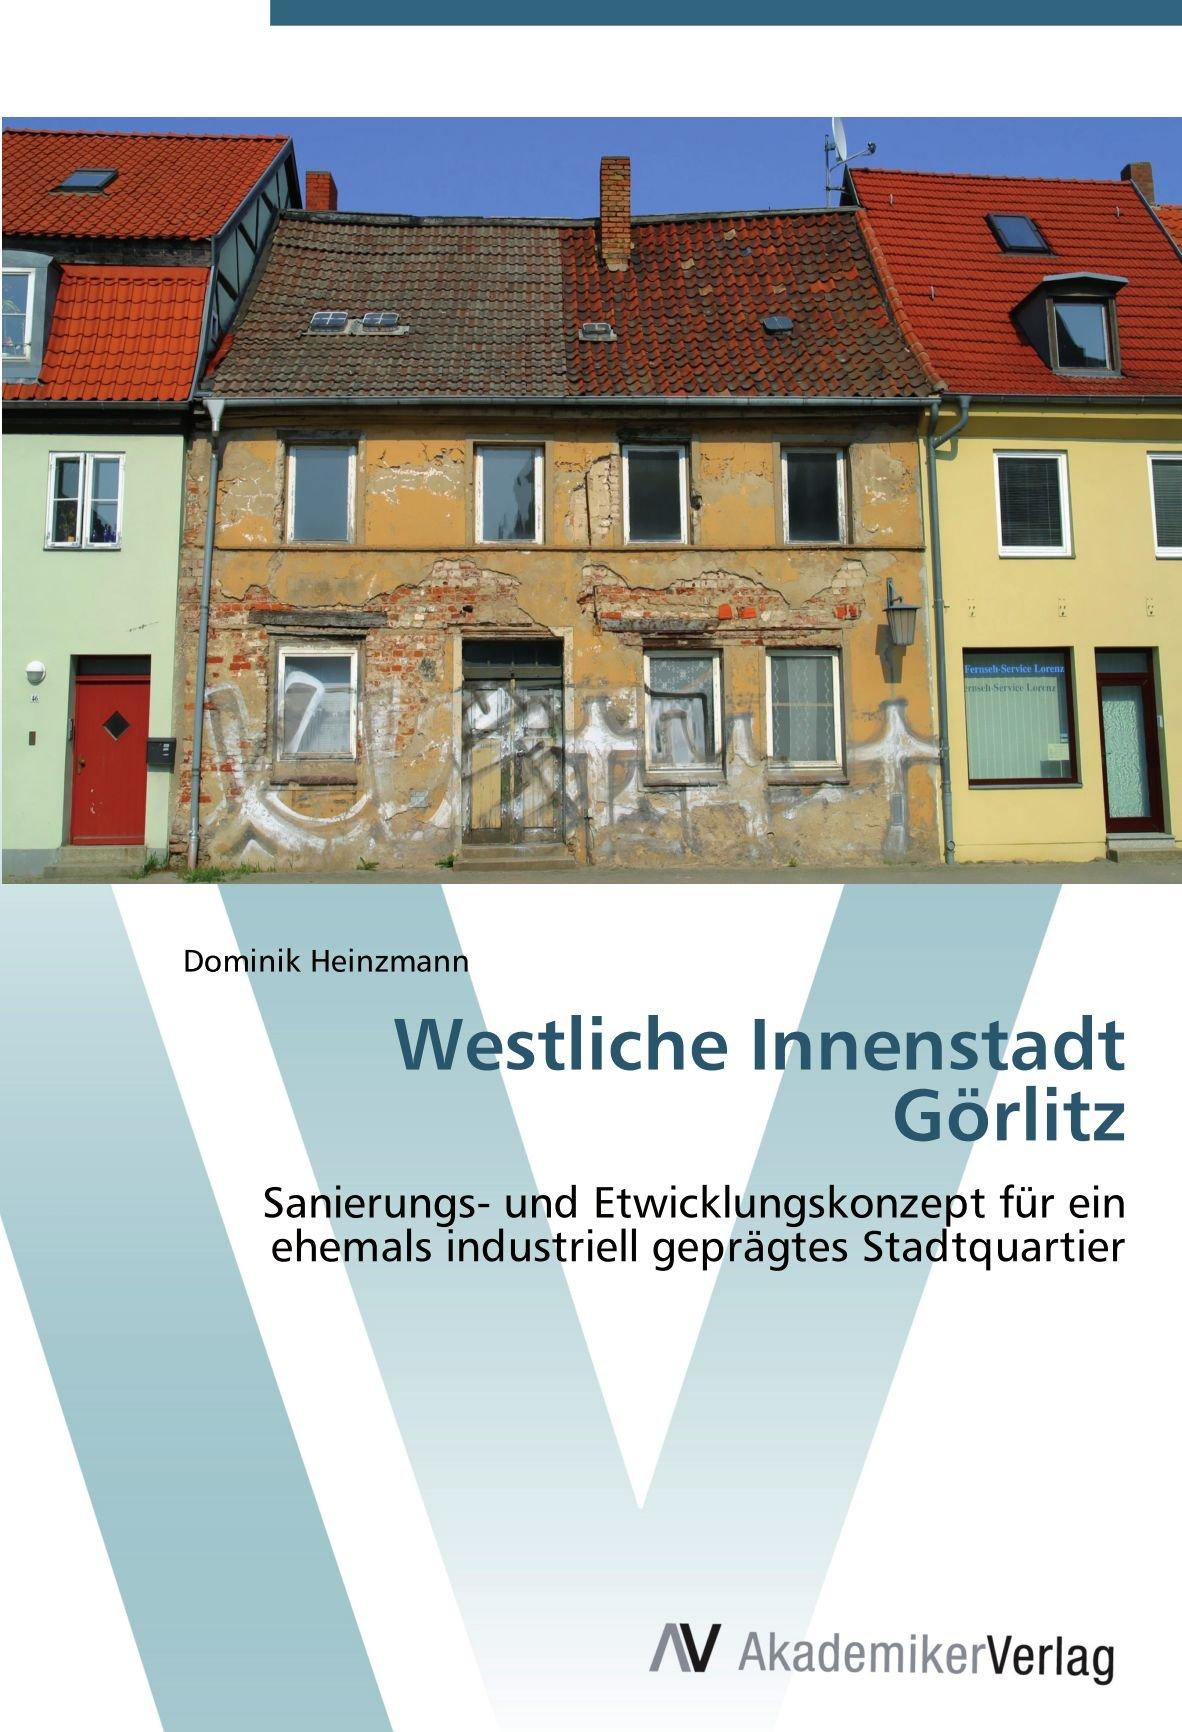 Westliche Innenstadt Görlitz: Sanierungs- und Etwicklungskonzept für ein ehemals industriell geprägtes Stadtquartier (German Edition) ebook